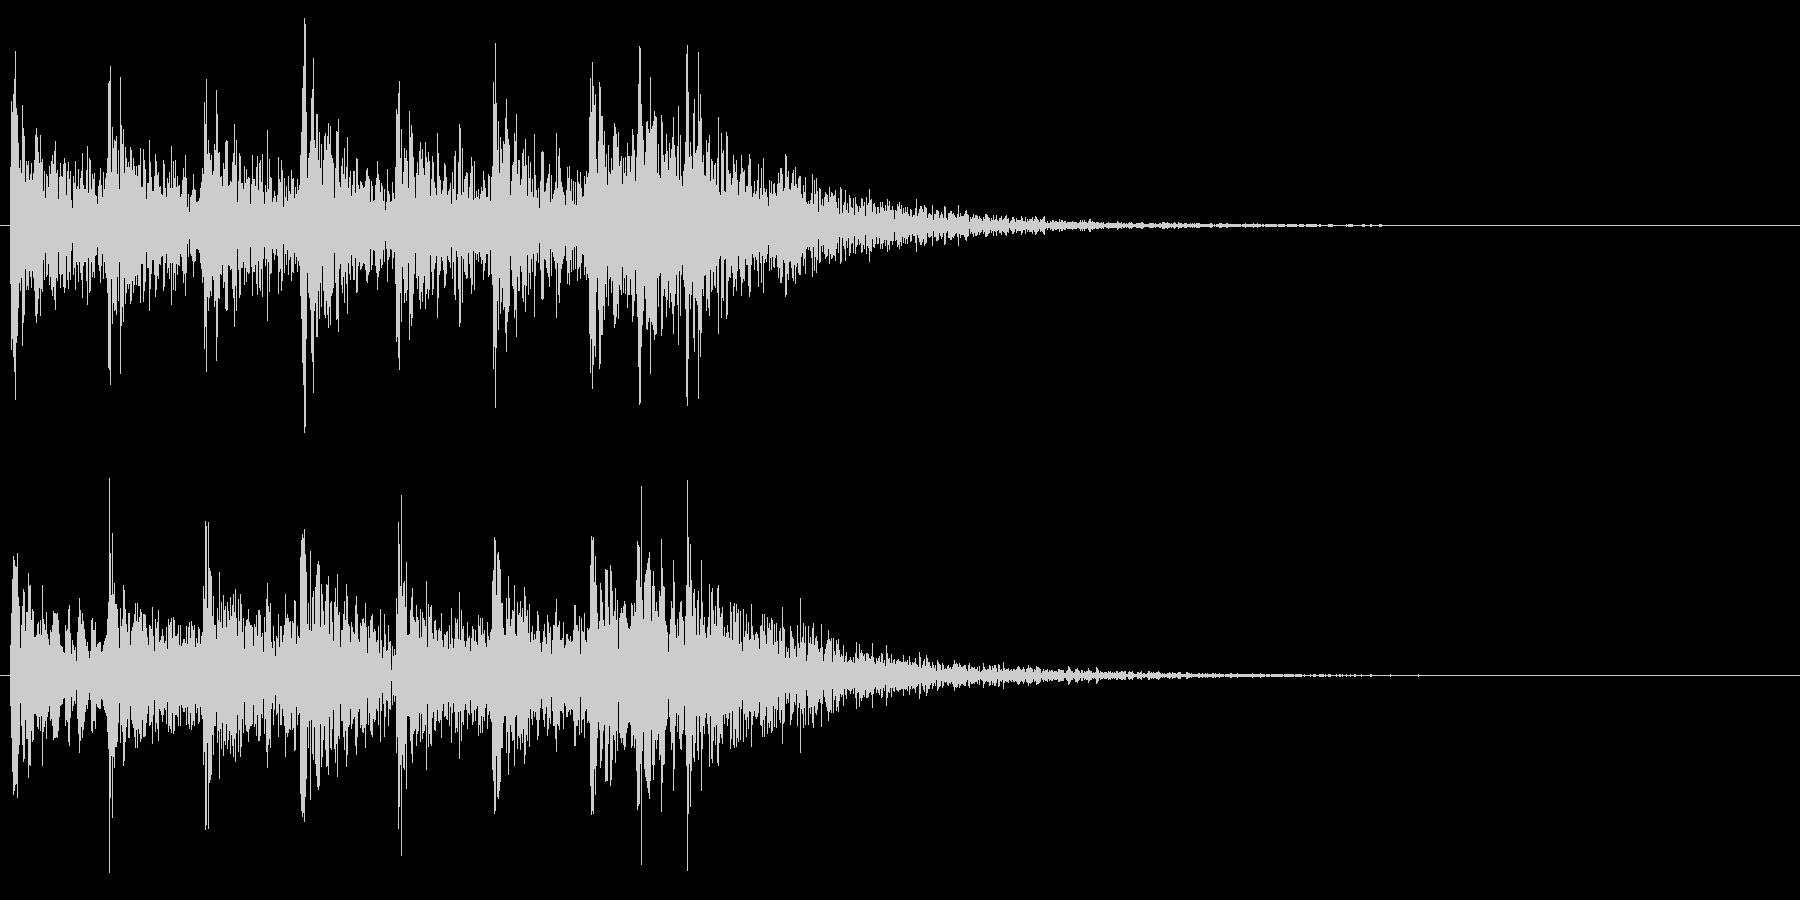 ティンパニ、スネアの場面転換 クリアの未再生の波形